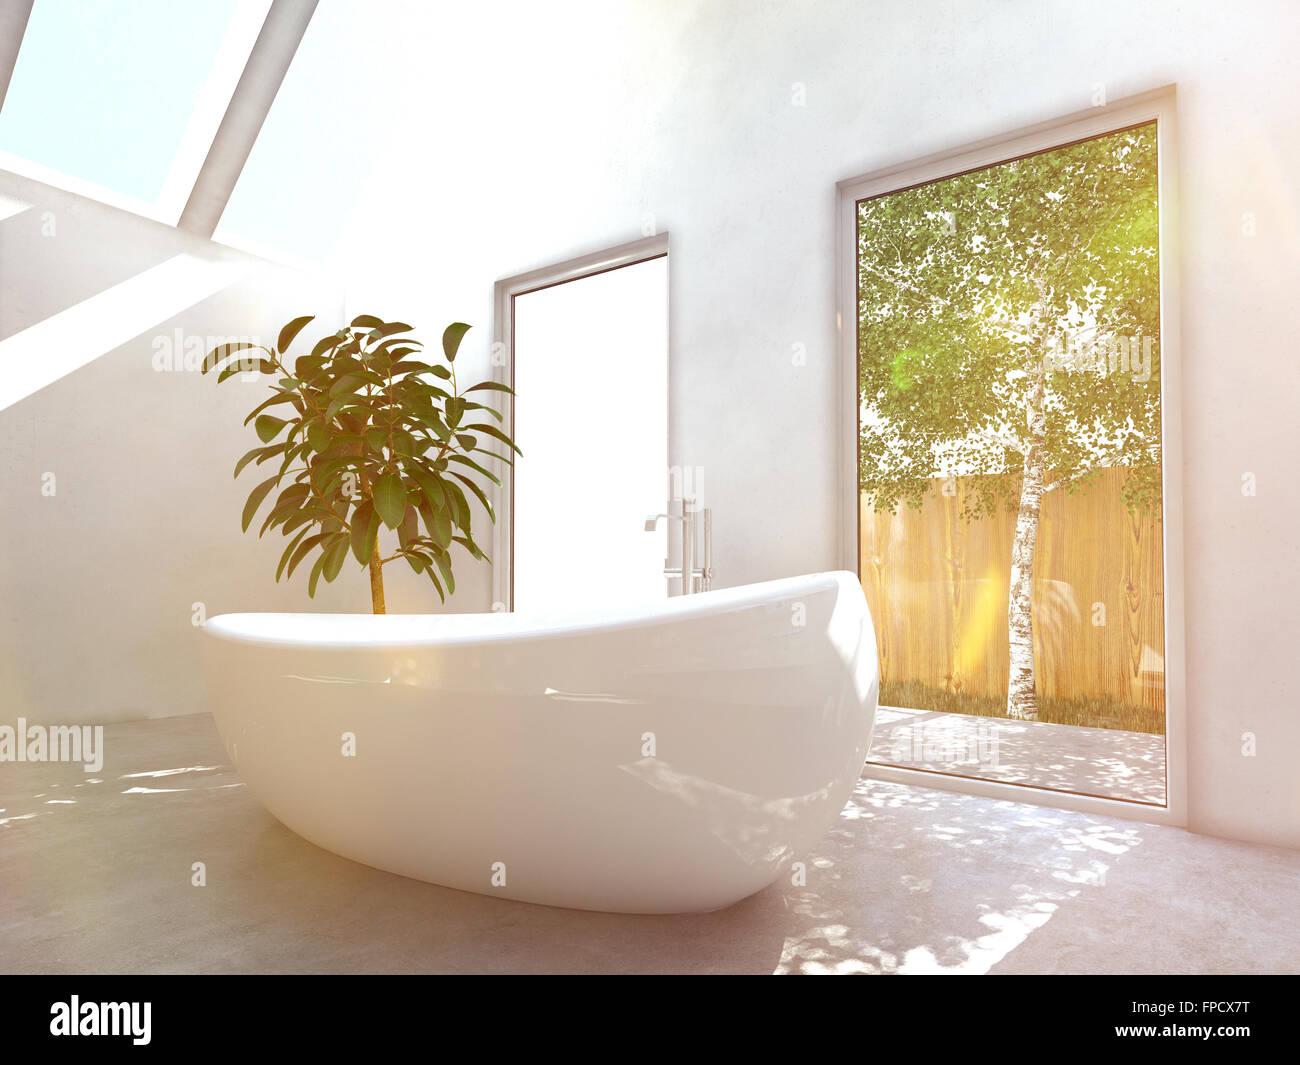 Modernes Badezimmer Interieur mit einer weißen freistehenden ...